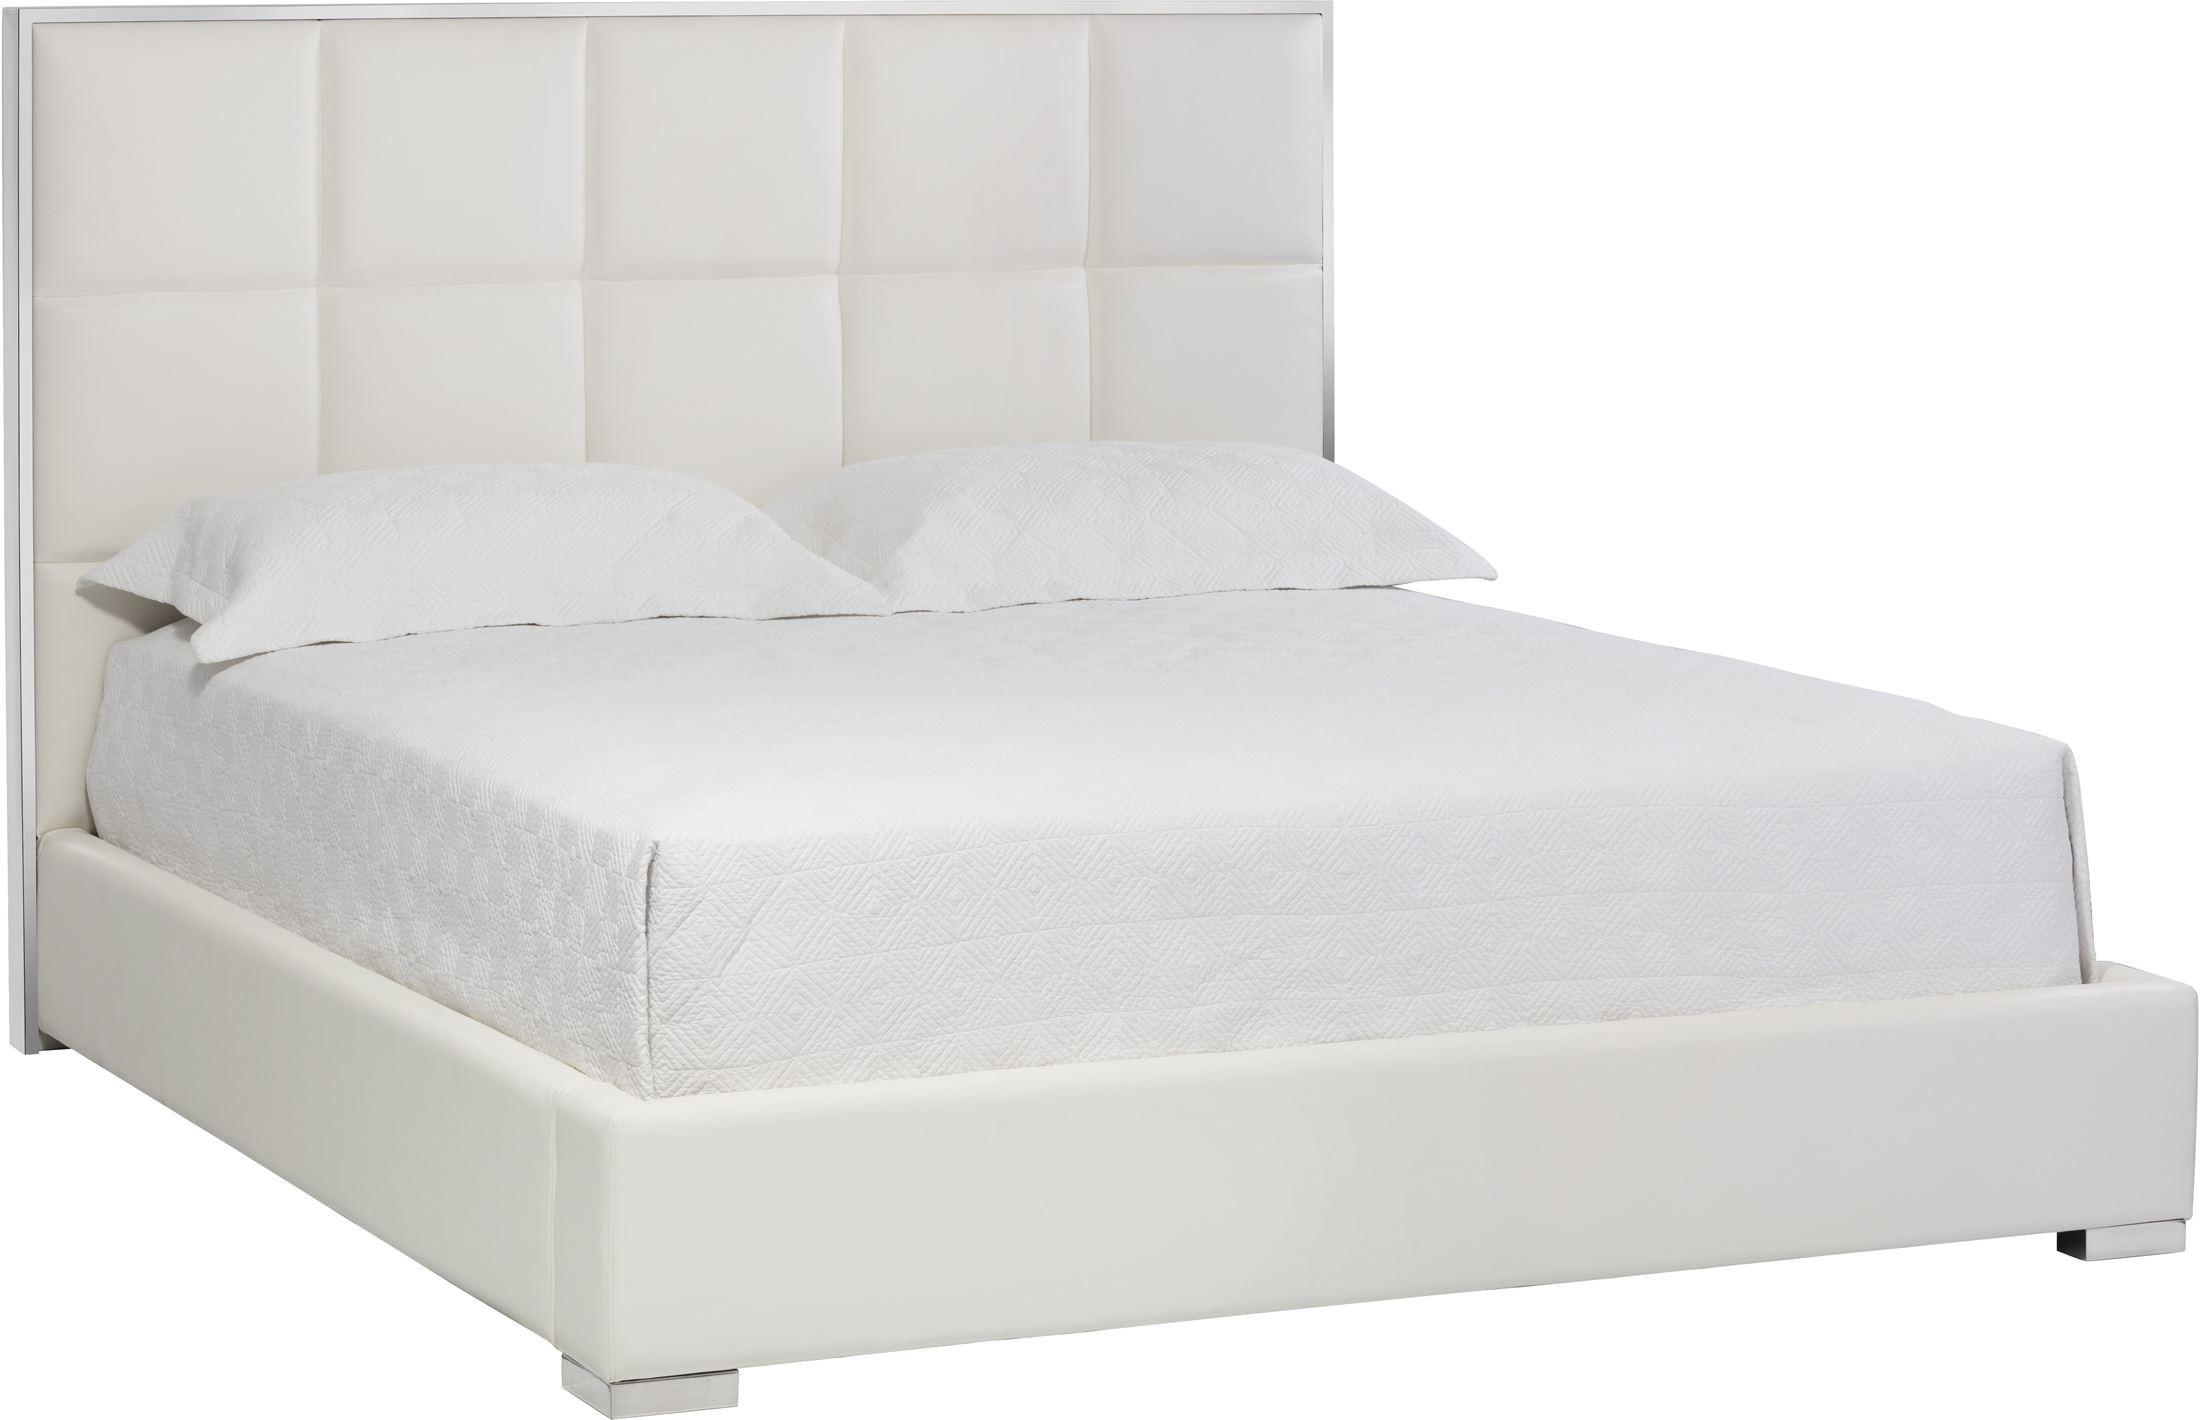 tompkins white leather king platform bed 101507 sunpan modern home. Black Bedroom Furniture Sets. Home Design Ideas